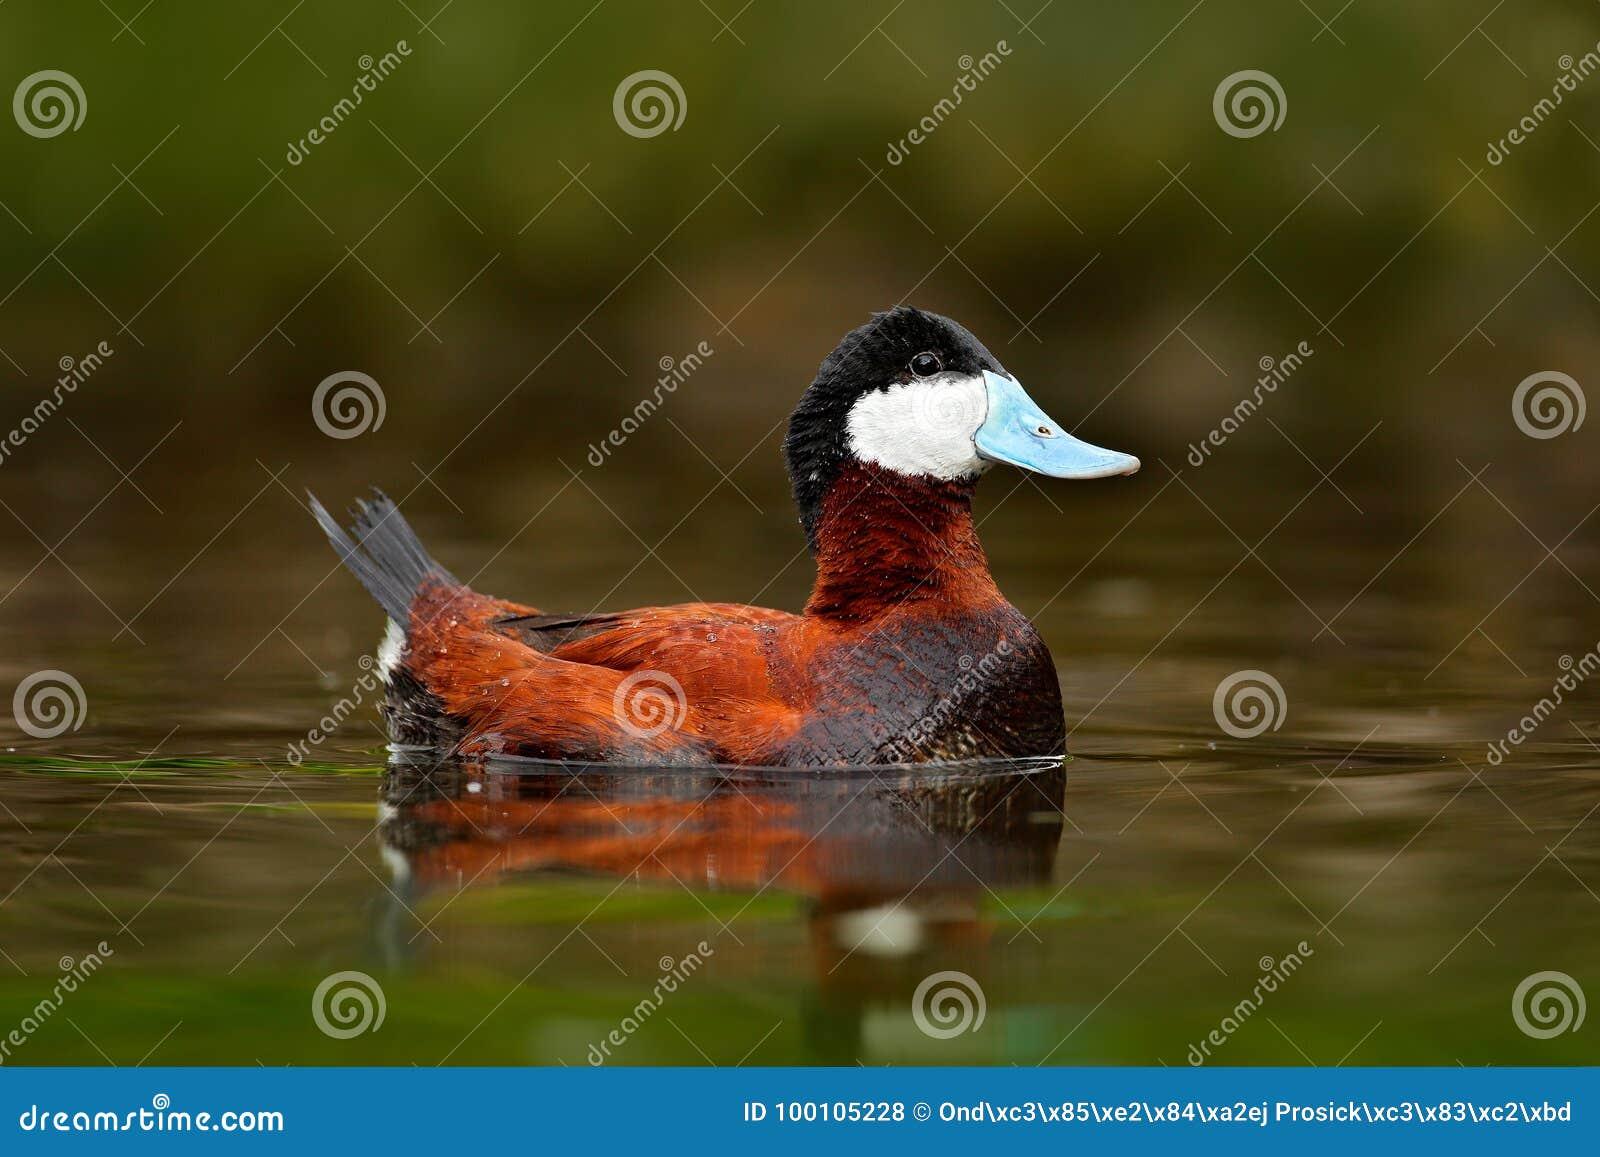 Ruddy Duck, jamaicensis do Oxyura, com verde bonito e vermelho coloriu a superfície da água Homem do pato marrom com conta azul A